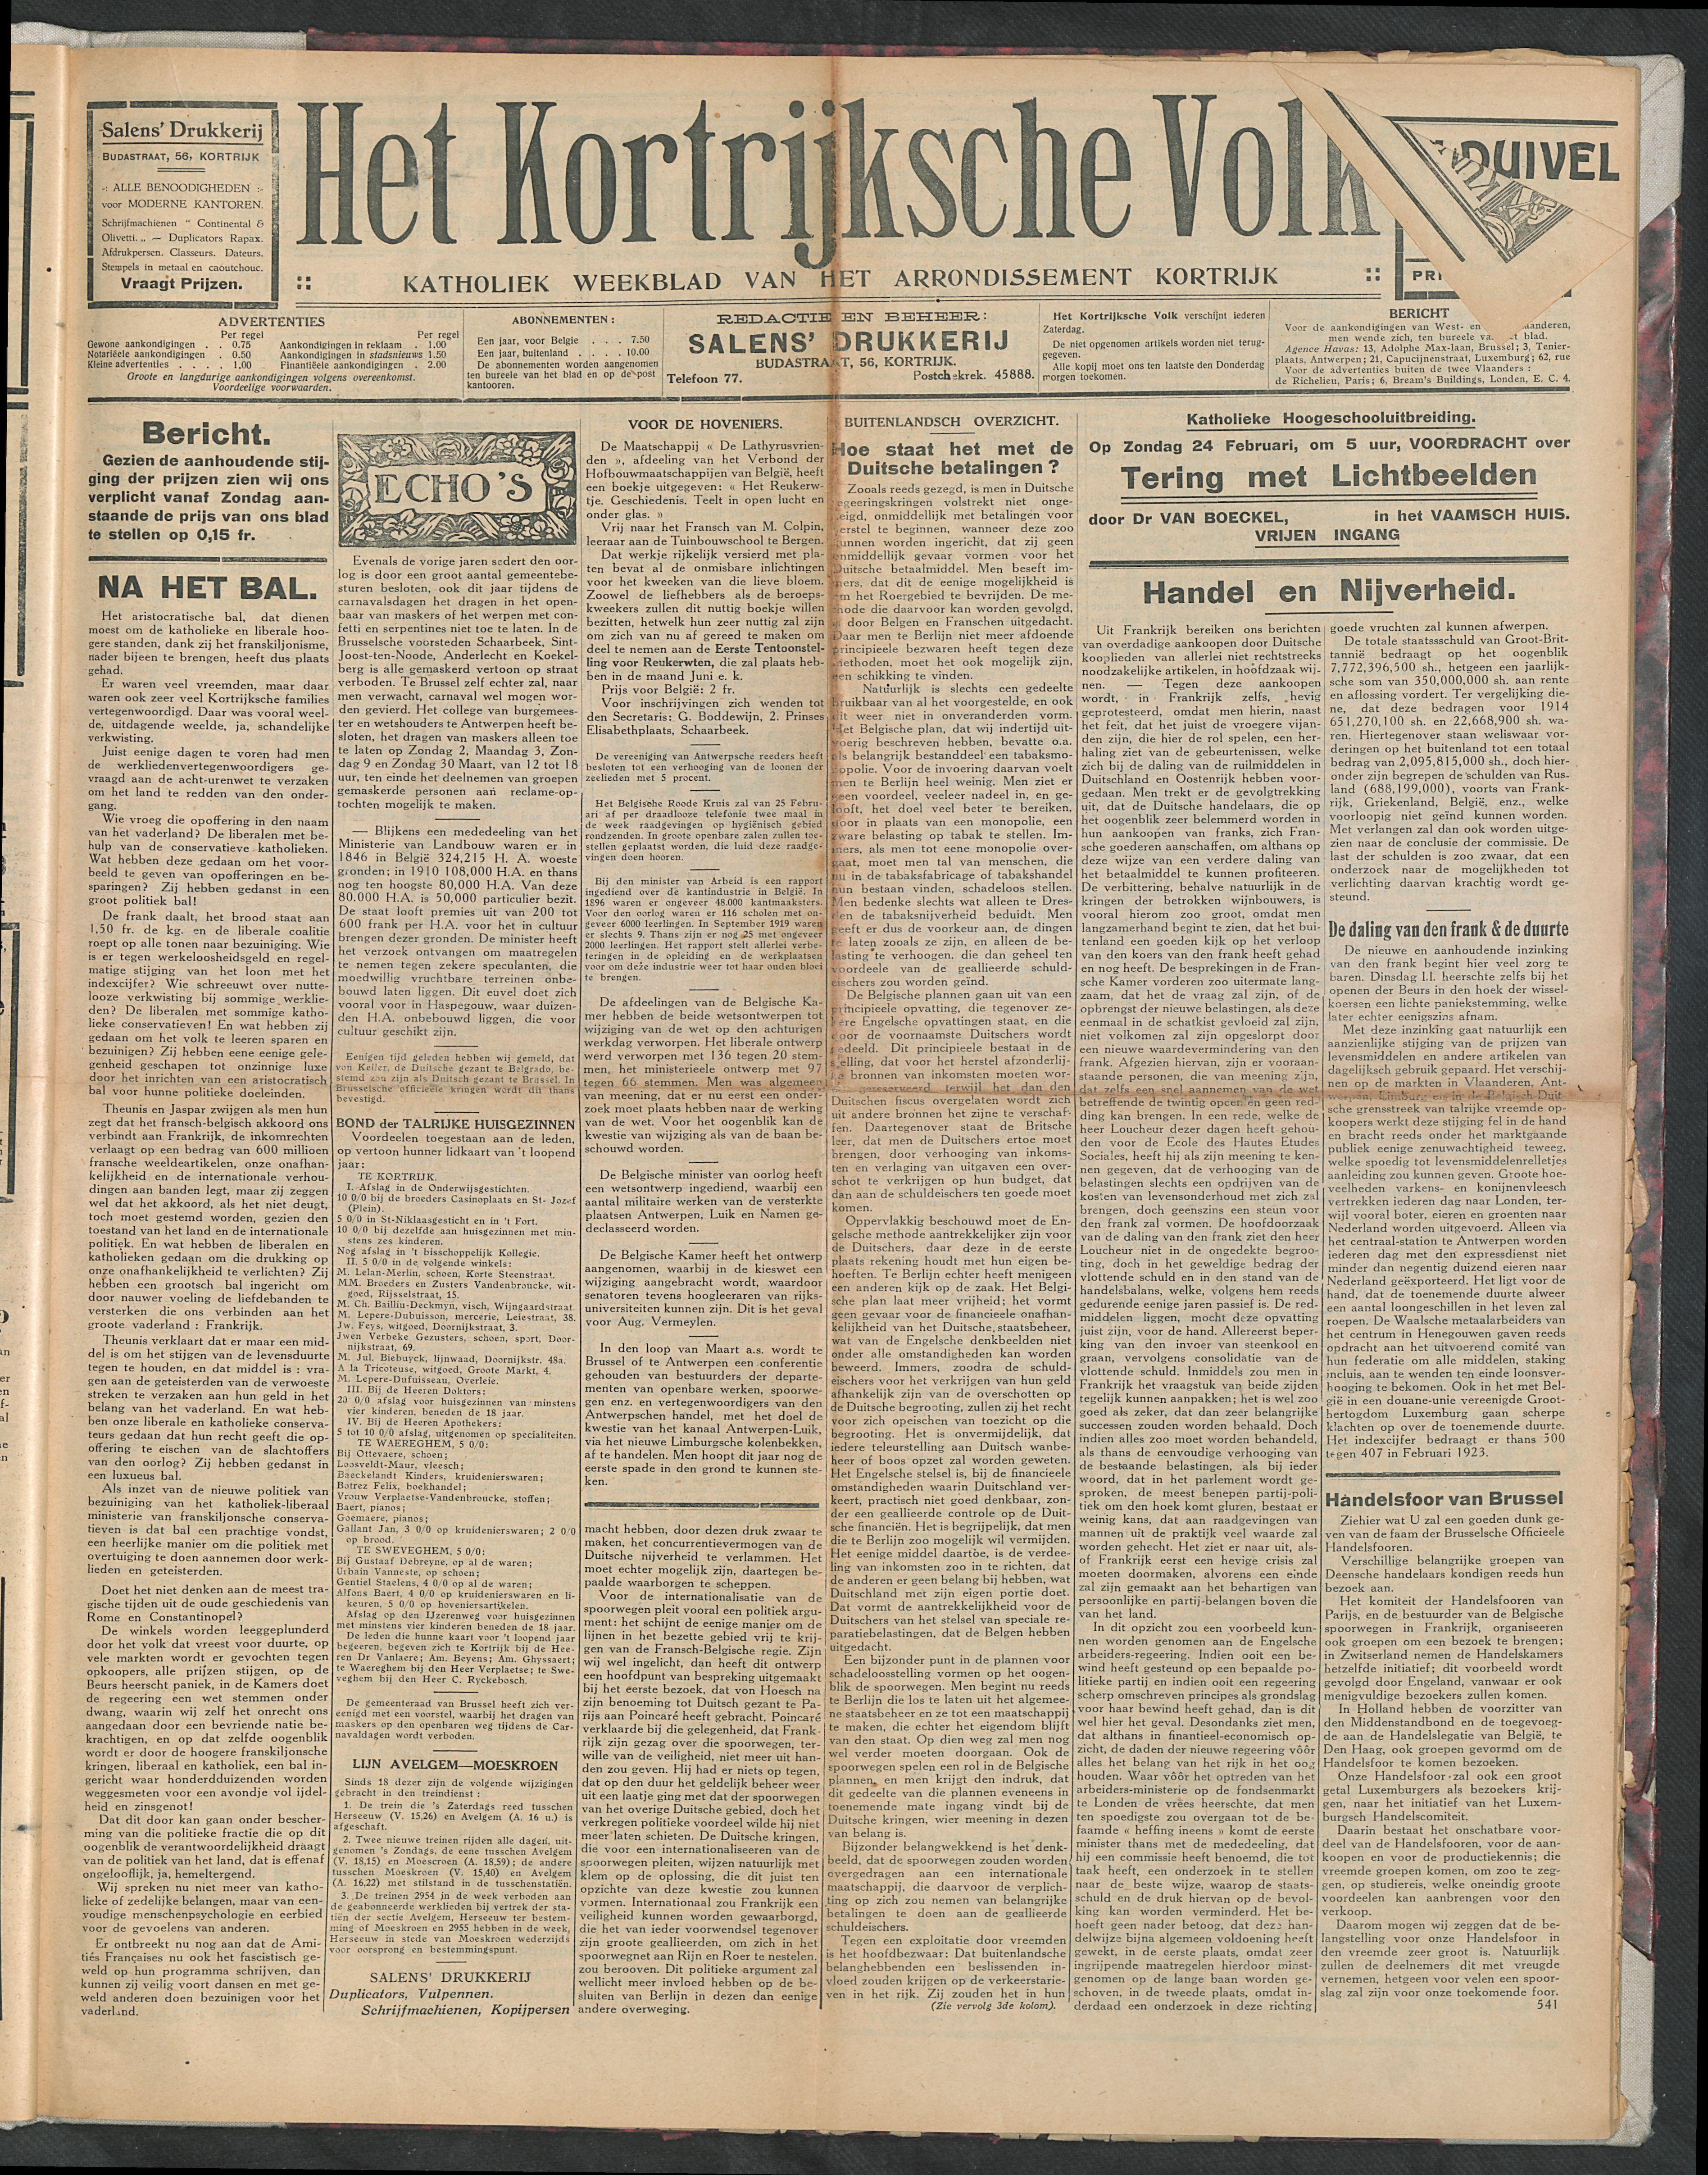 Het Kortrijksche Volk 1924-02-24 p1